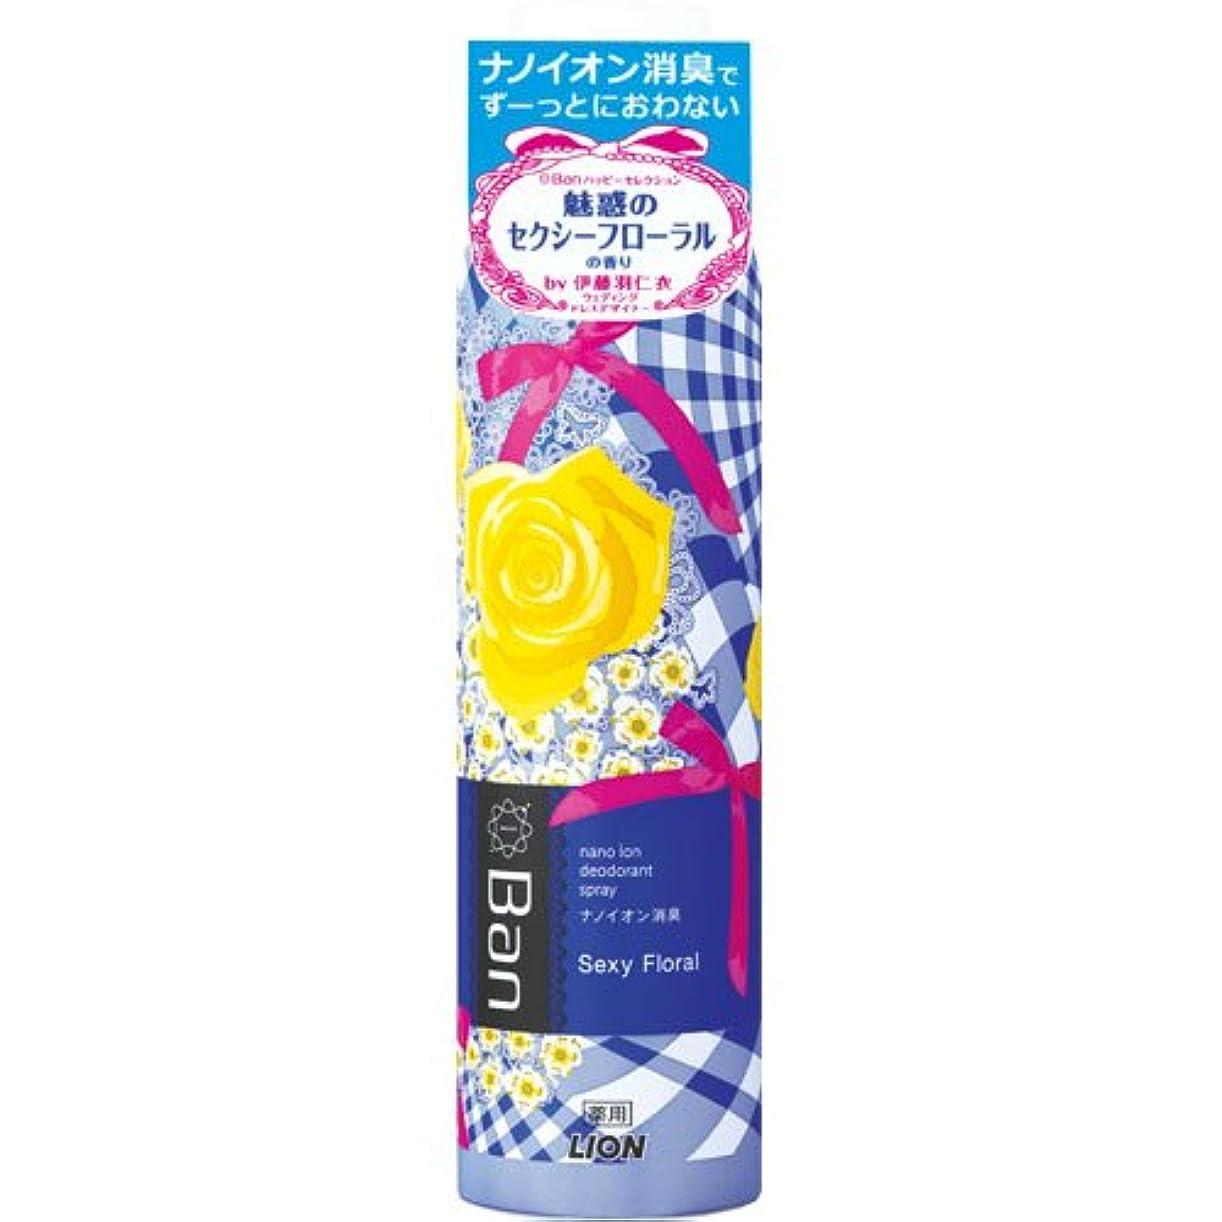 可能フォーク頑丈Ban デオドラントパウダースプレー 魅惑のセクシーフローラルの香り 特大 135g (医薬部外品)